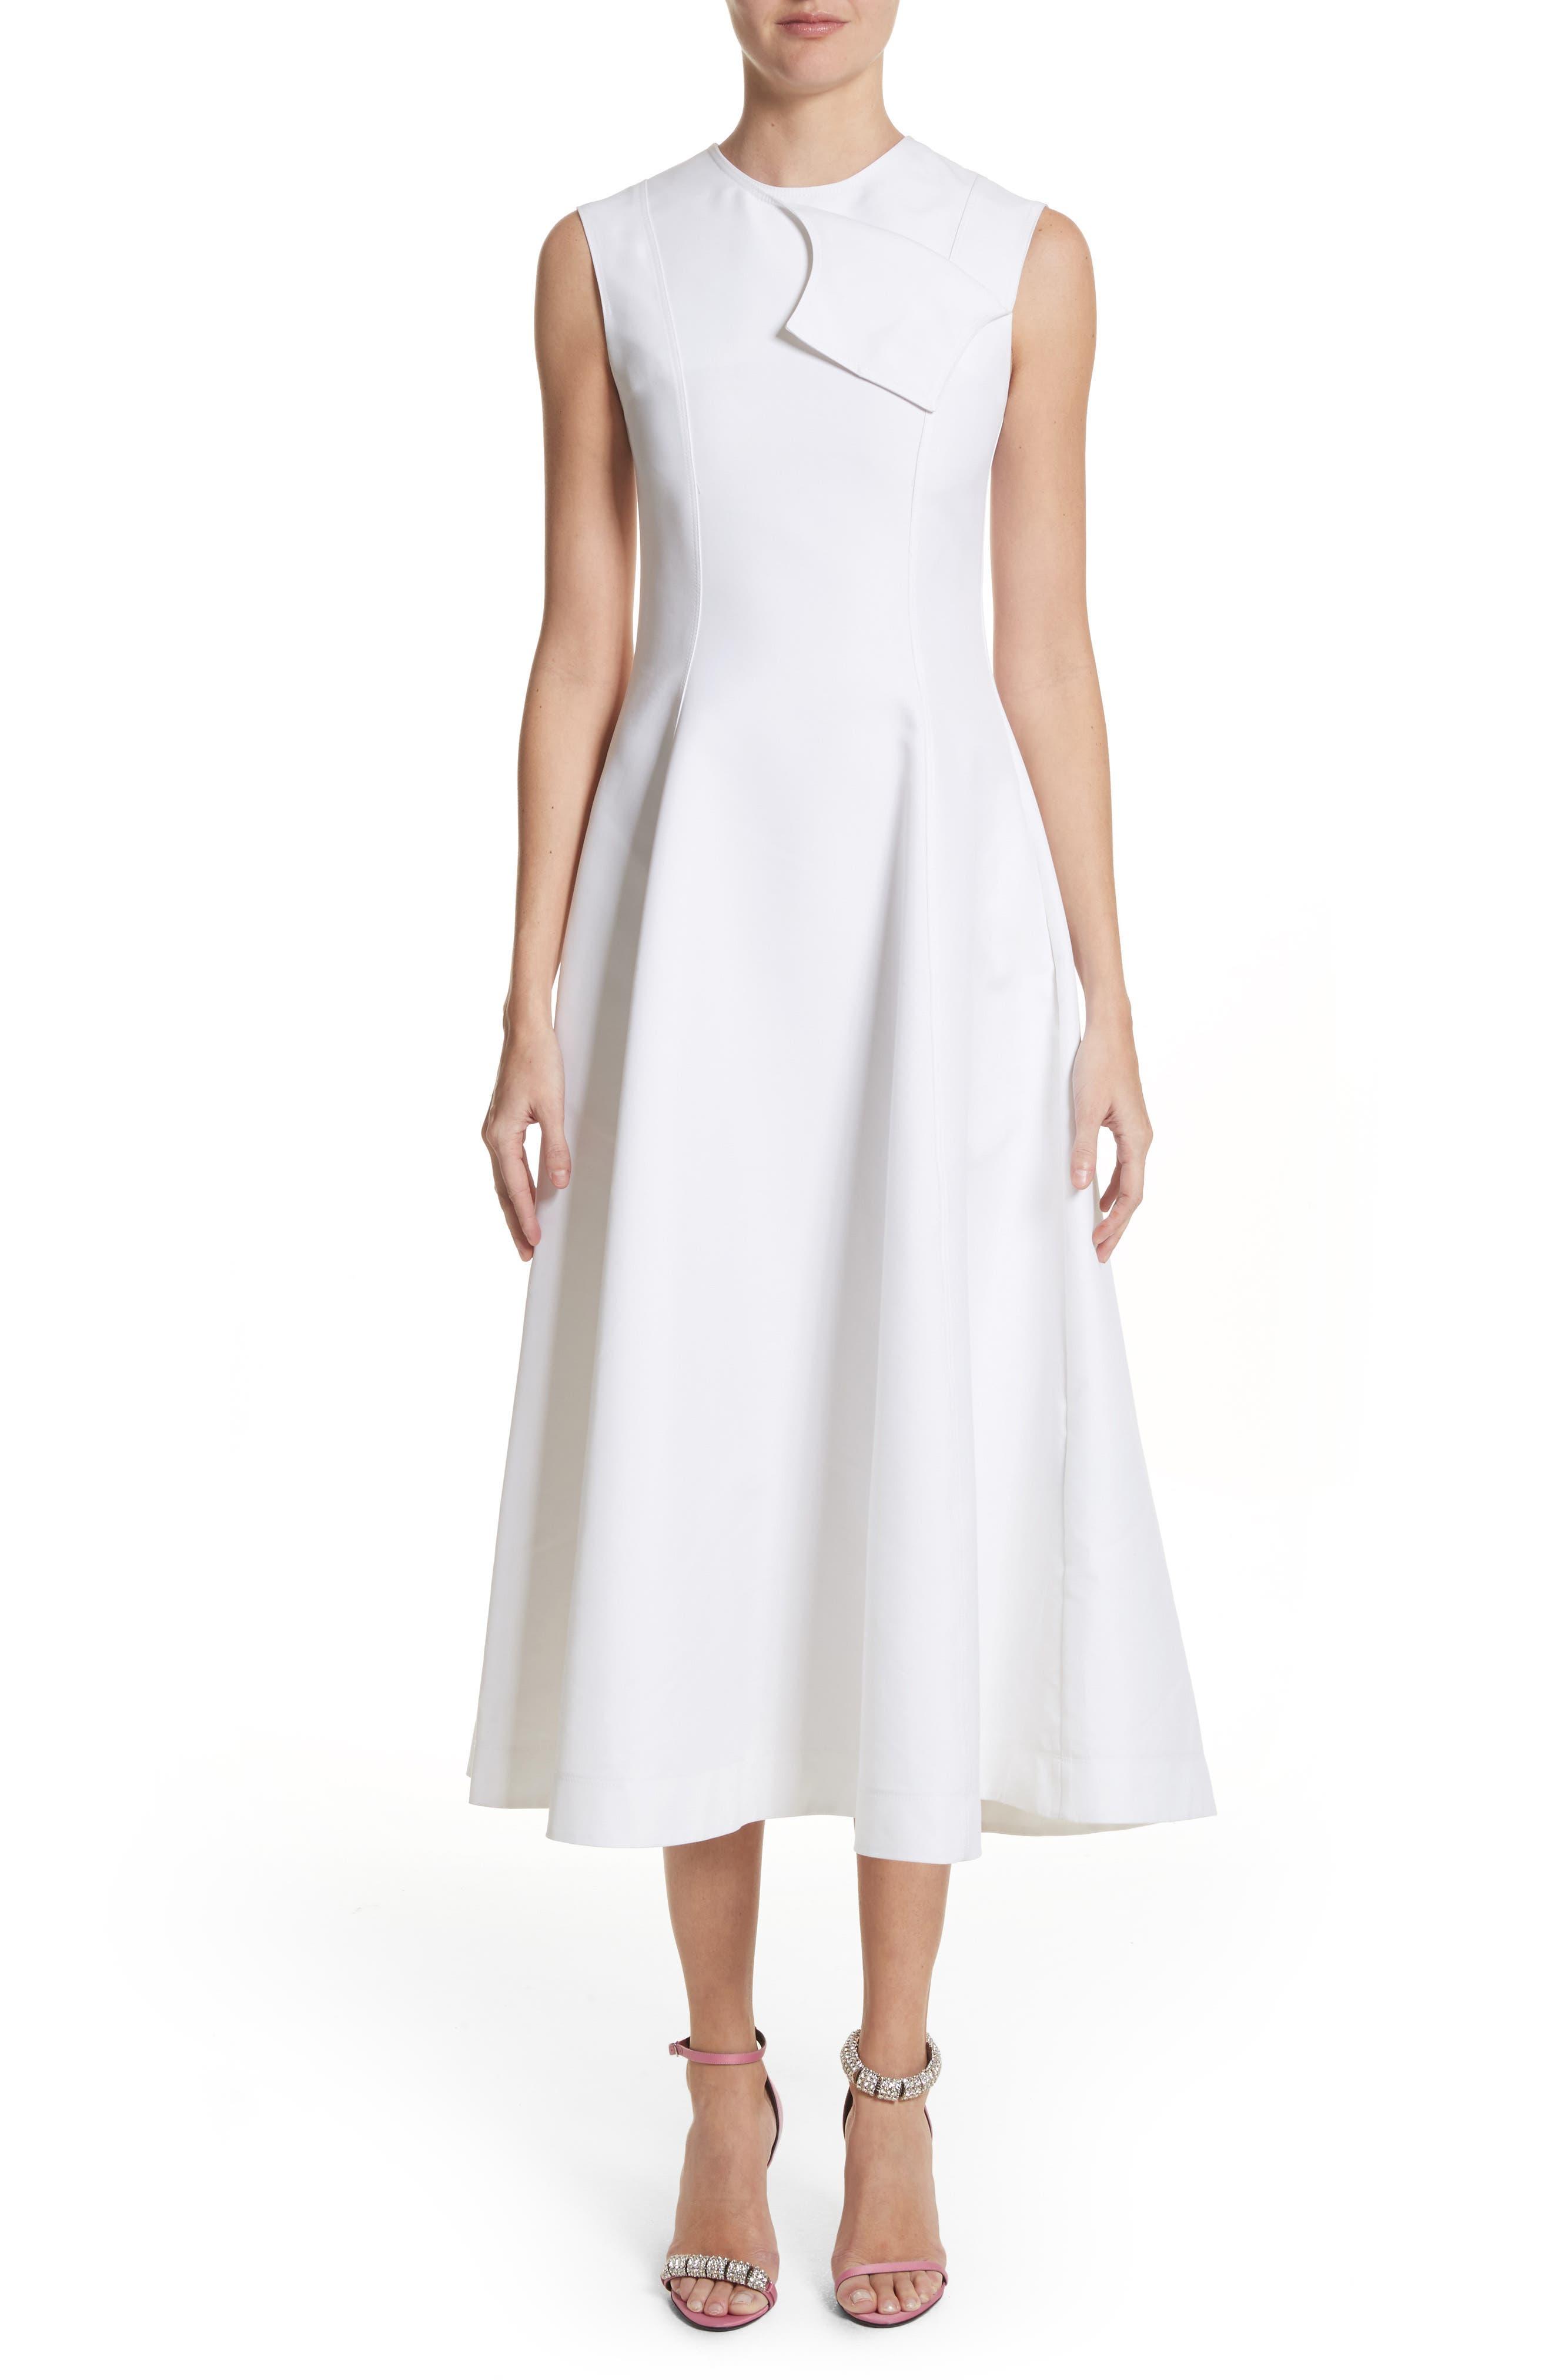 Calvin Klein 205W39Nyc Flap Detail A-Line Dress, 8 IT - White